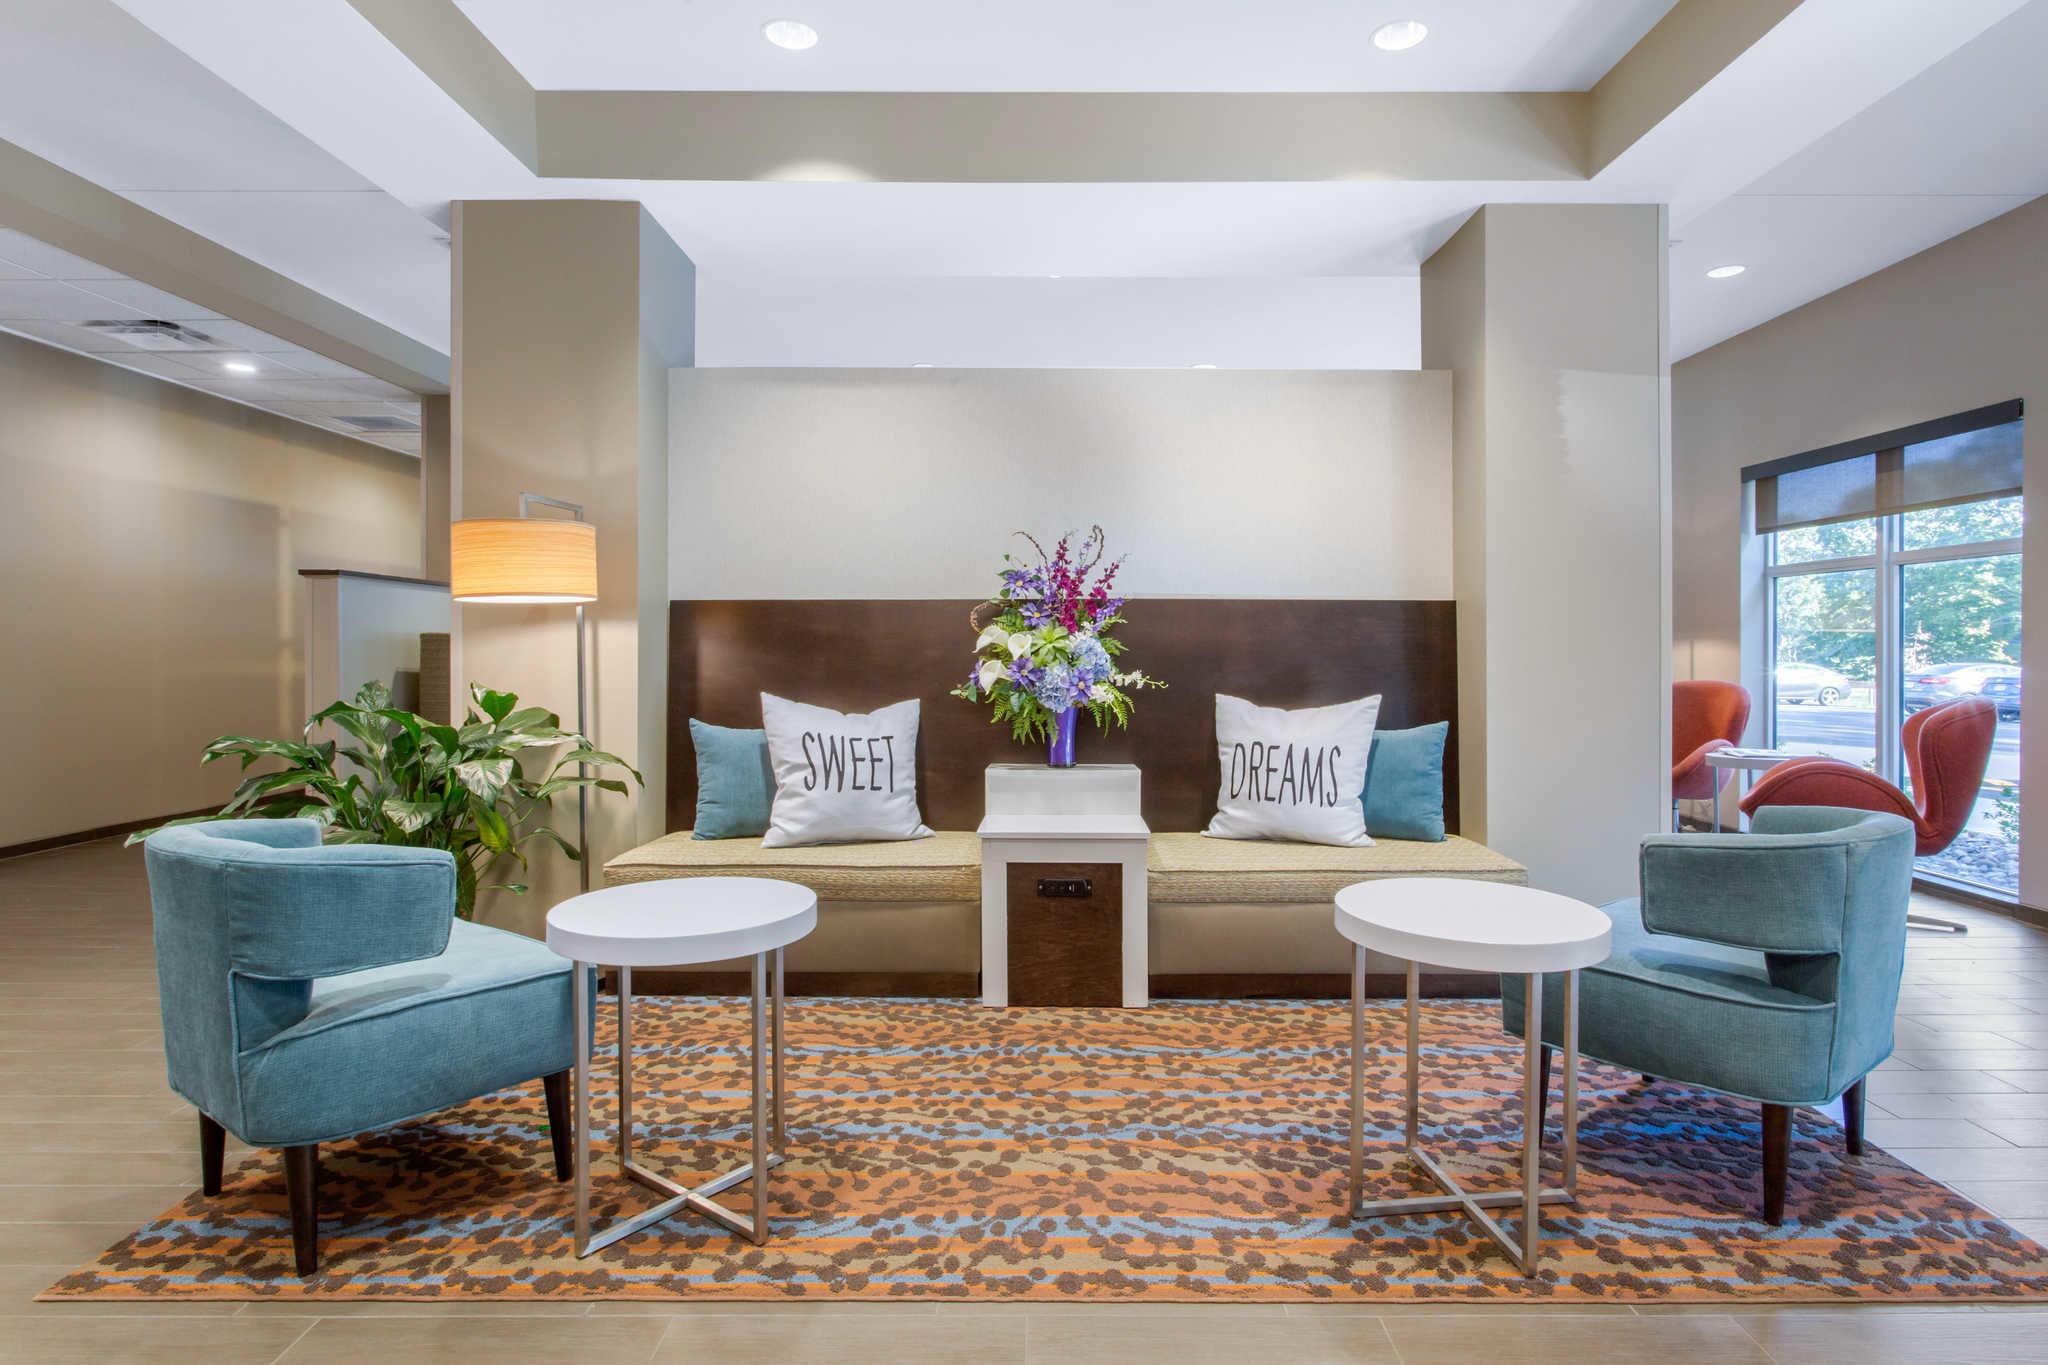 Sleep Inn & Suites Monroe - Woodbury image 7